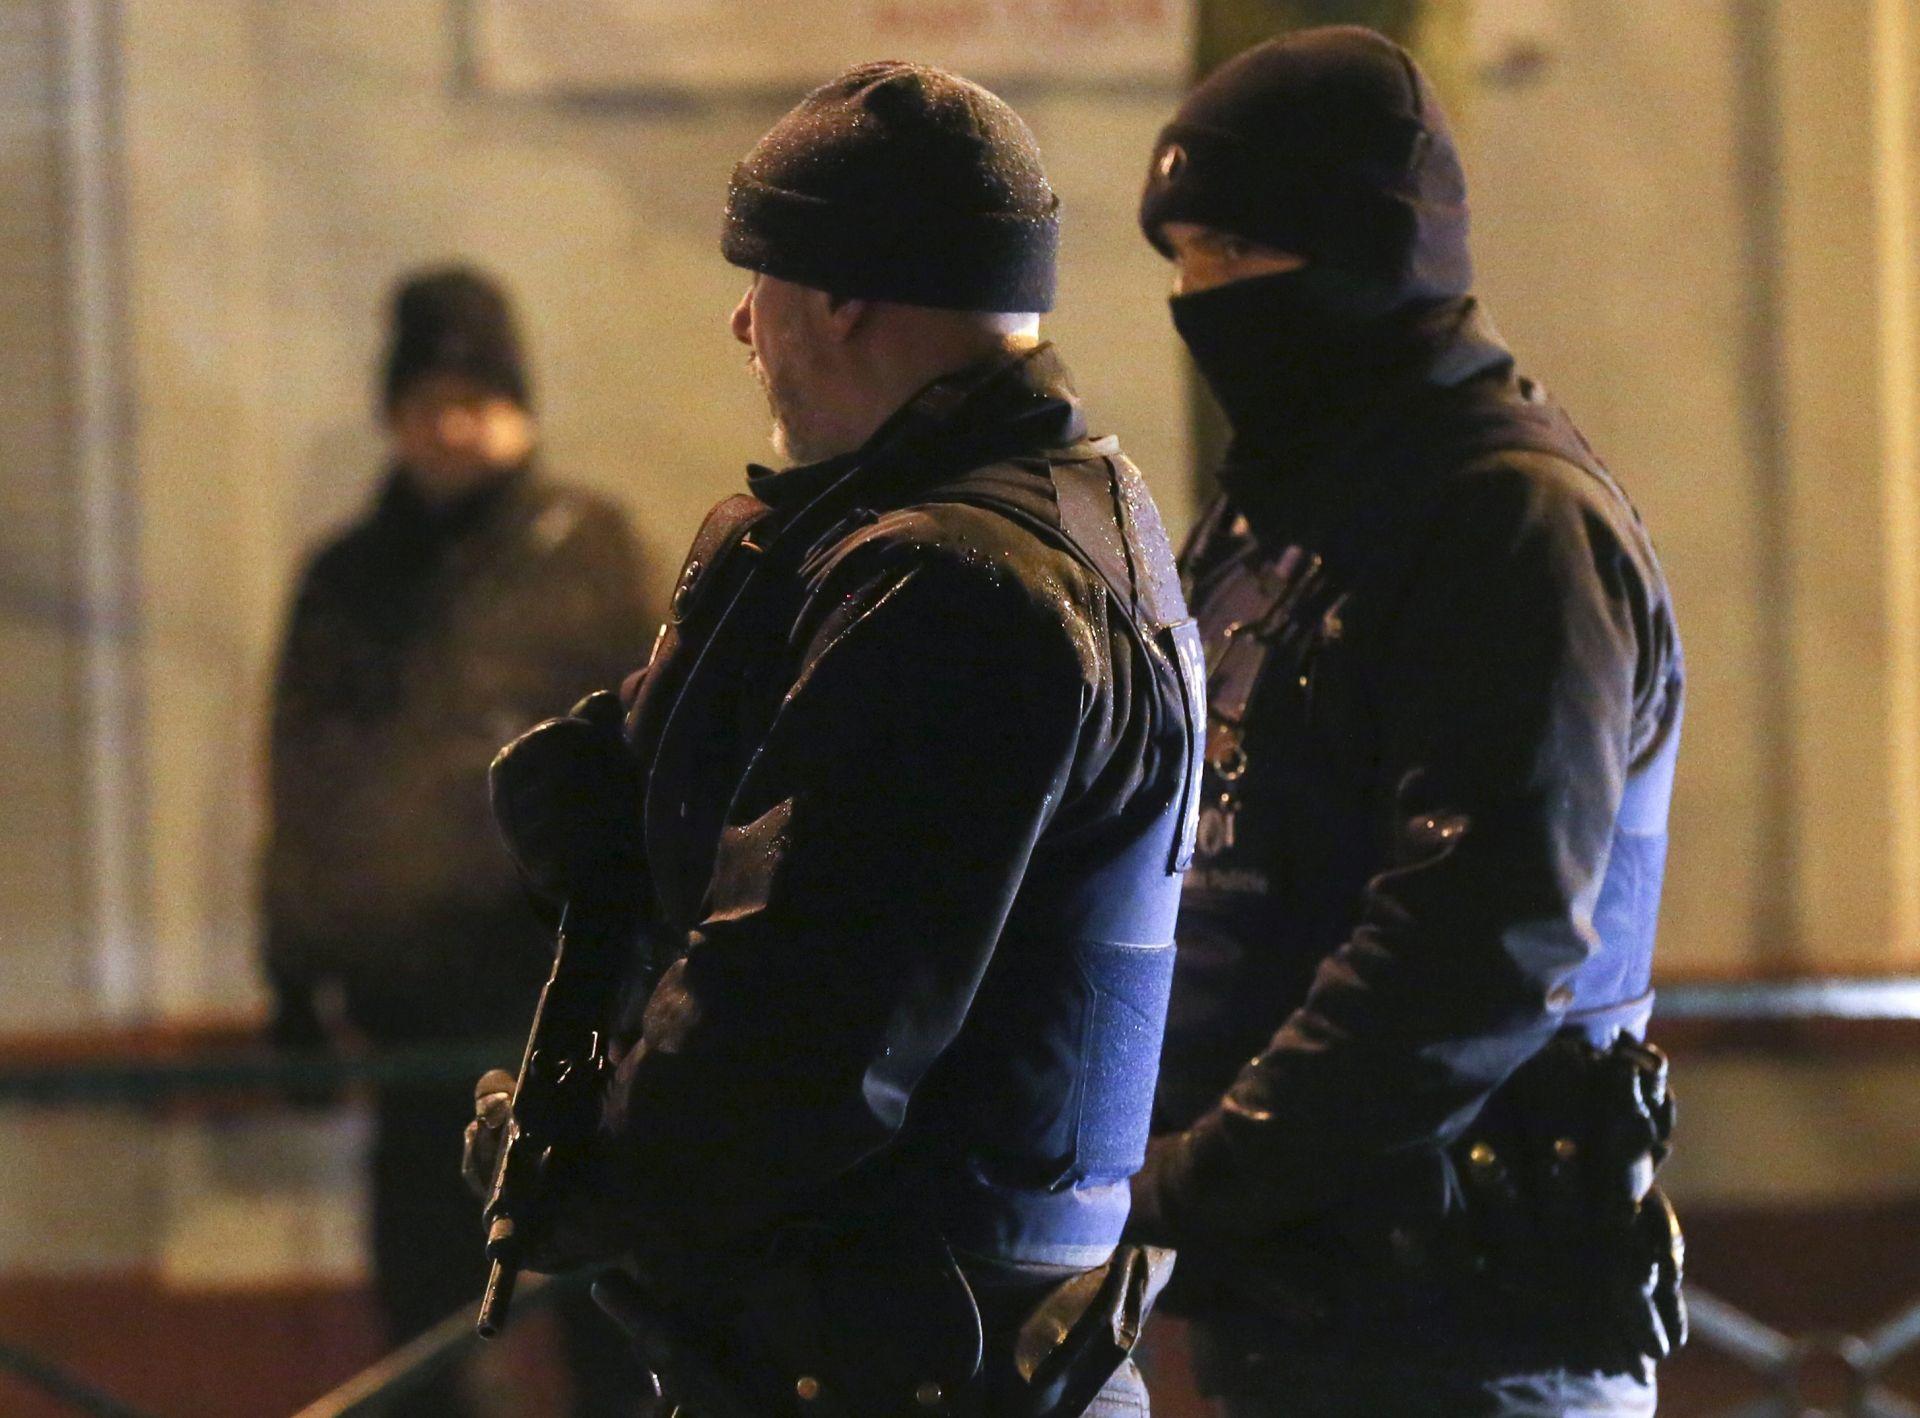 """Vojska u centru Bruxellesa upucala muškarca koji je nosio eksplozivni prsluk i vikao """"Allahu Akbar"""""""